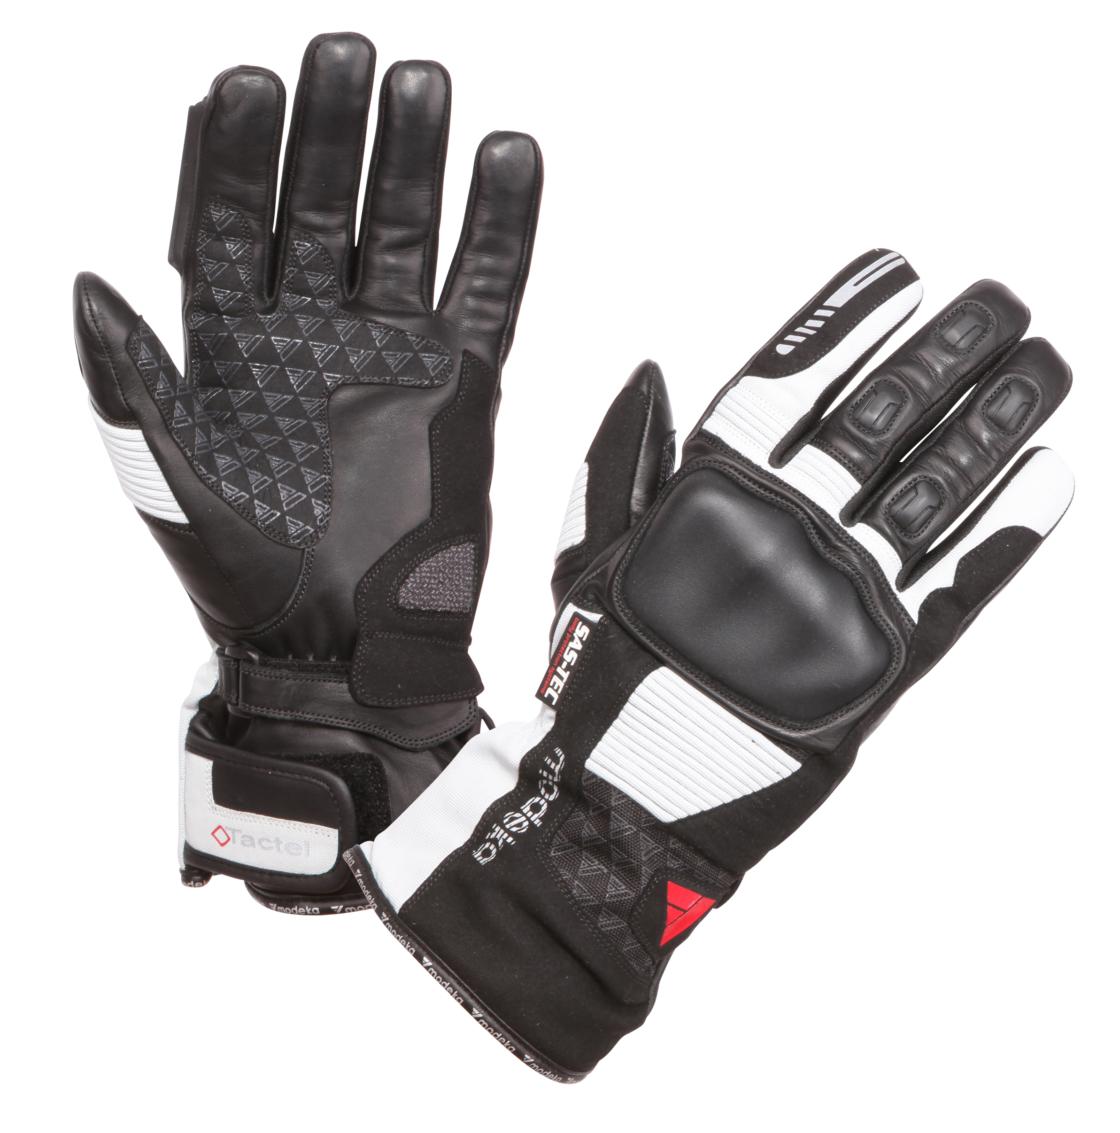 Modeka - Motocyklové  rukavice Tacoma II Lady  černá/šedá